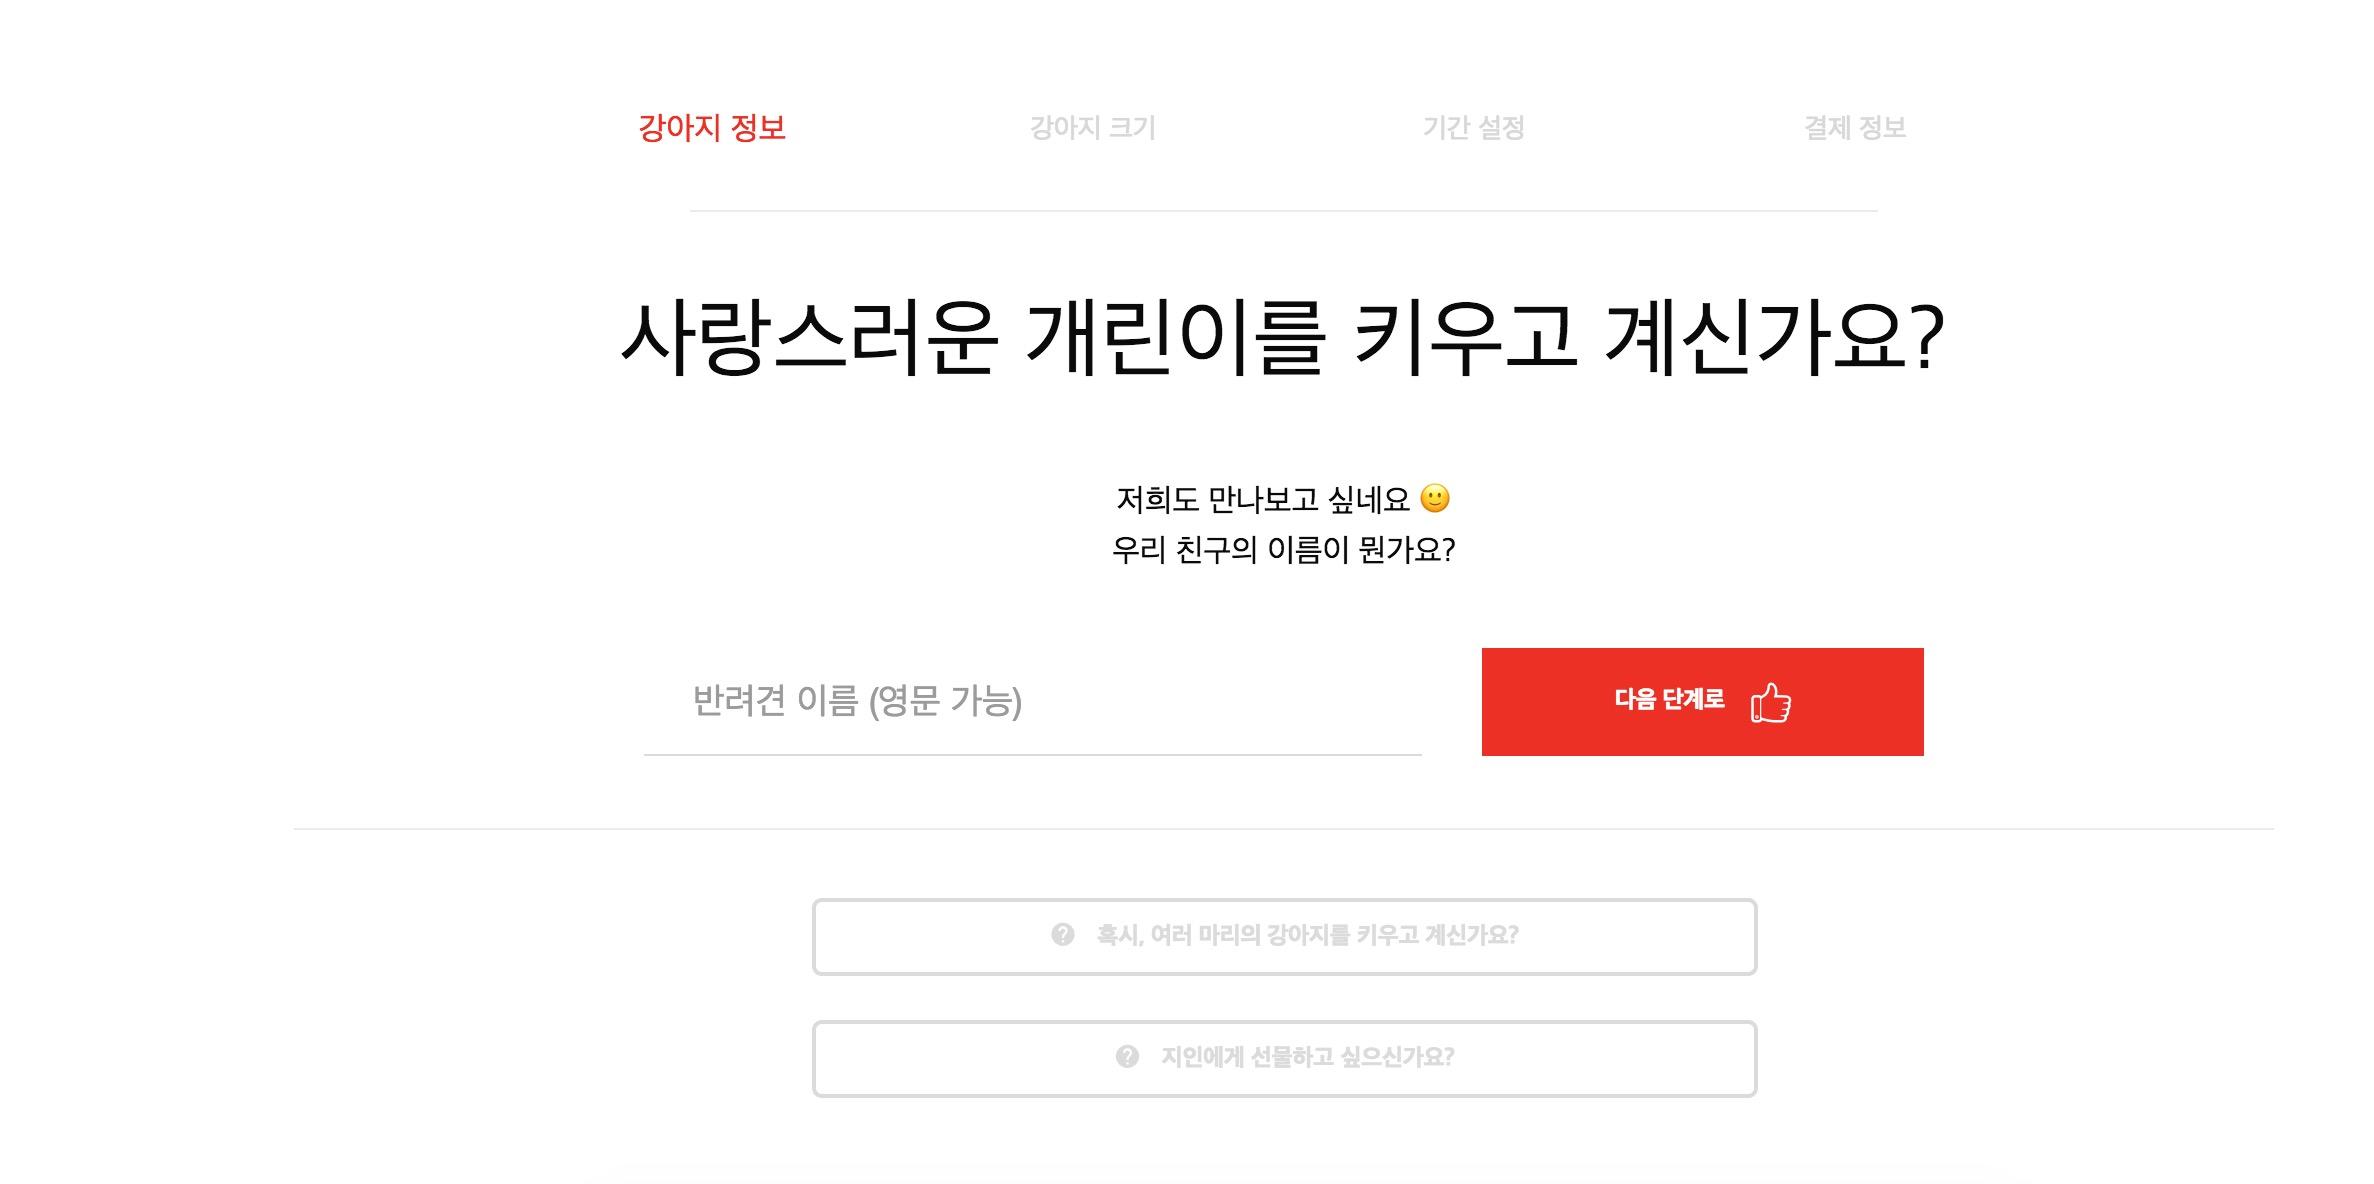 워드프레스 쇼핑몰 사례-코드엠샵-정기결제-베이컨박스-우커머스사례-6